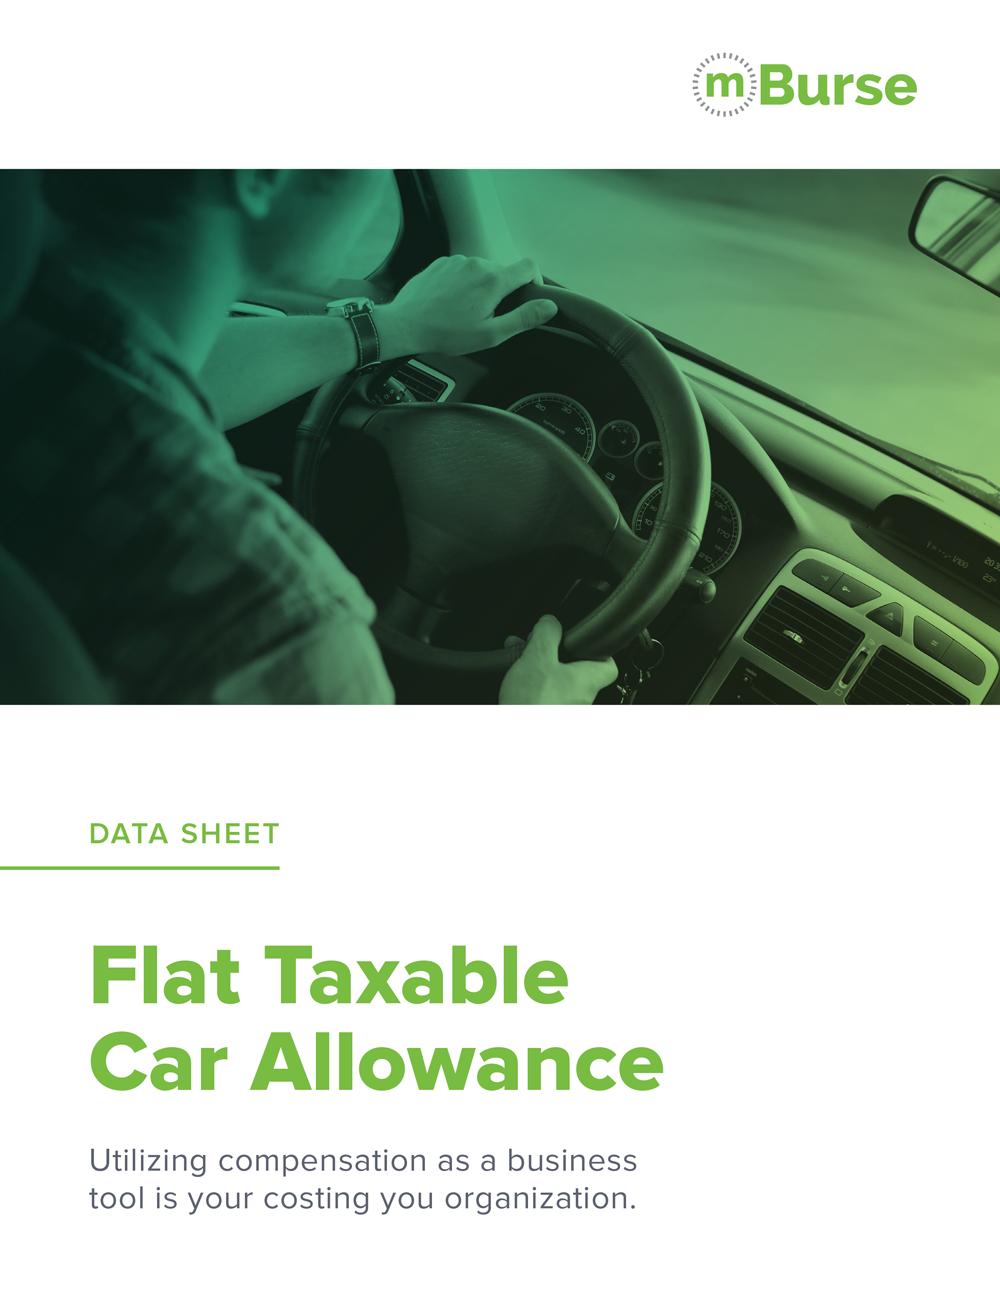 mBurse Car Allowance data sheet